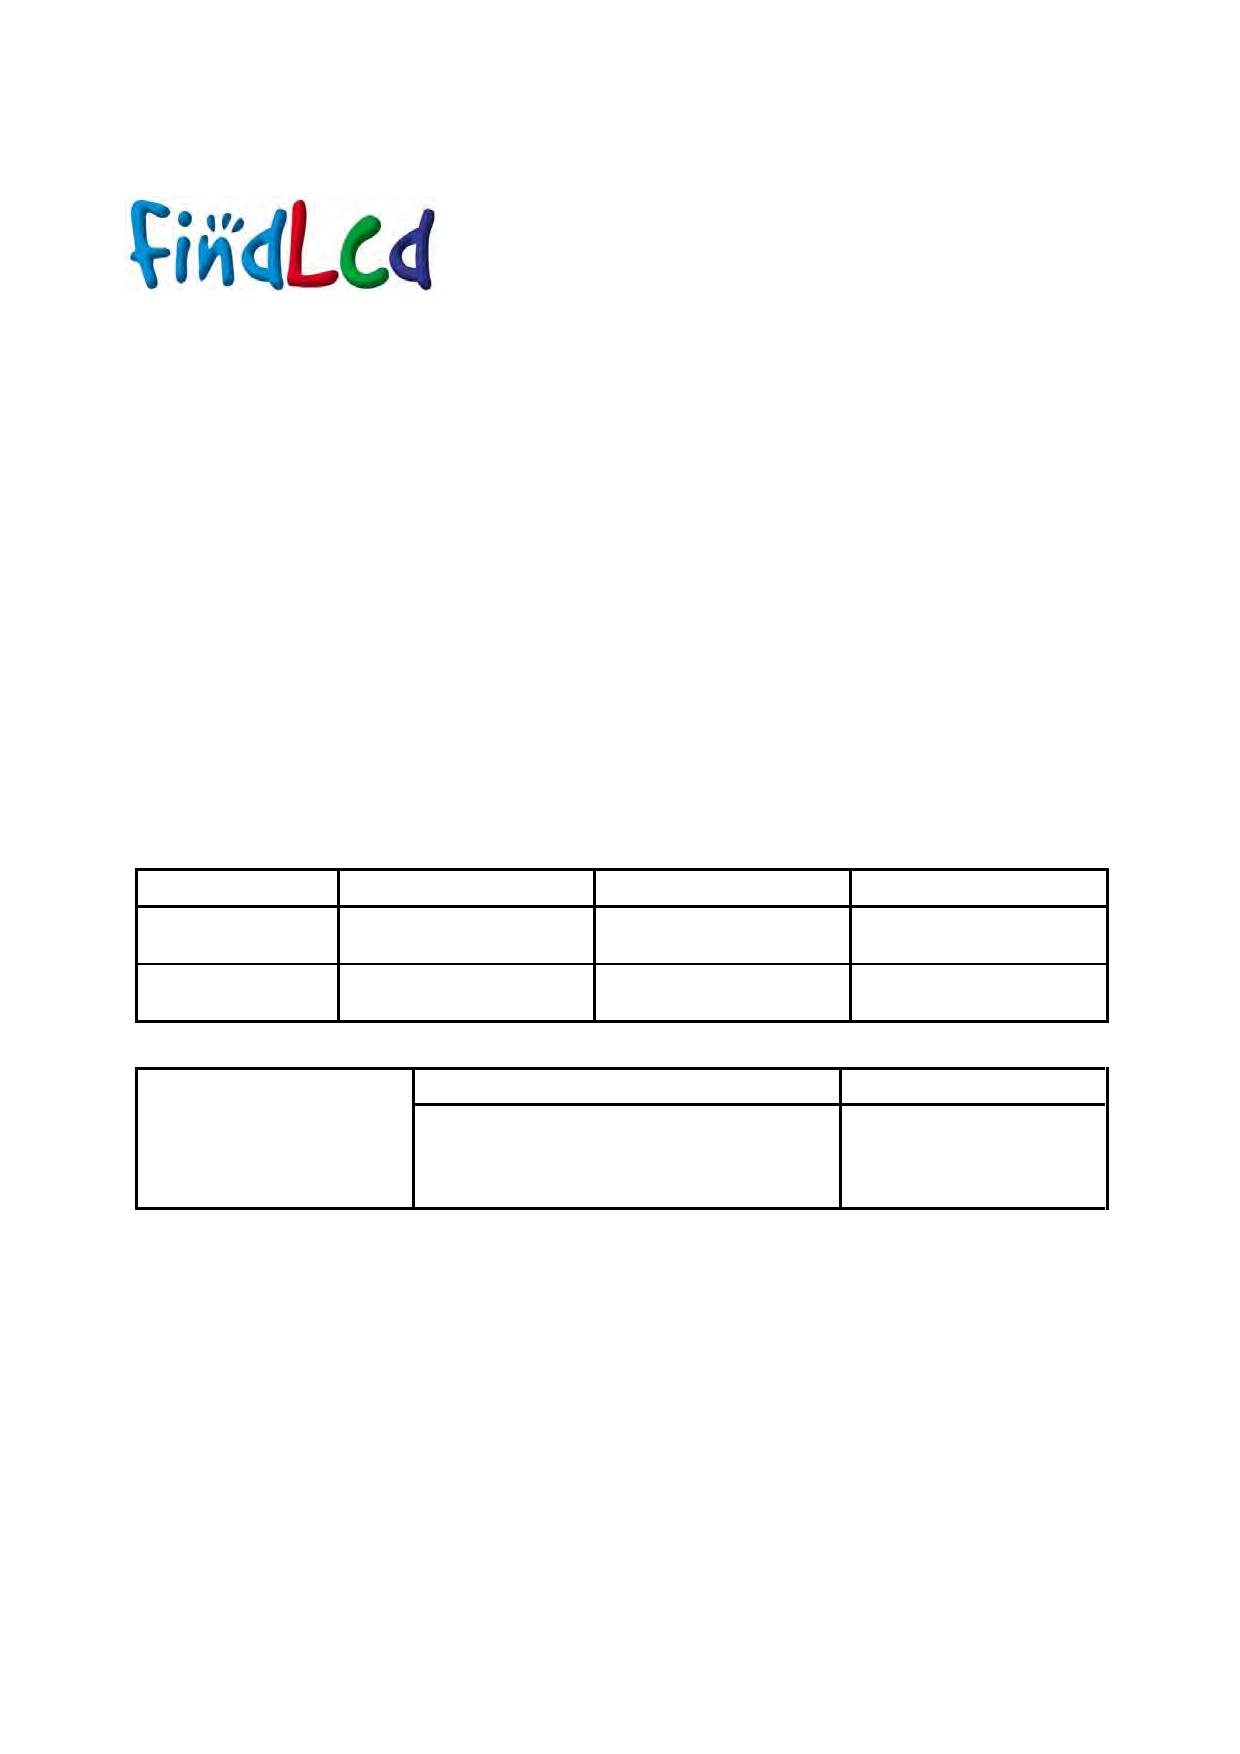 TM0027-Z-LED 데이터시트 및 TM0027-Z-LED PDF